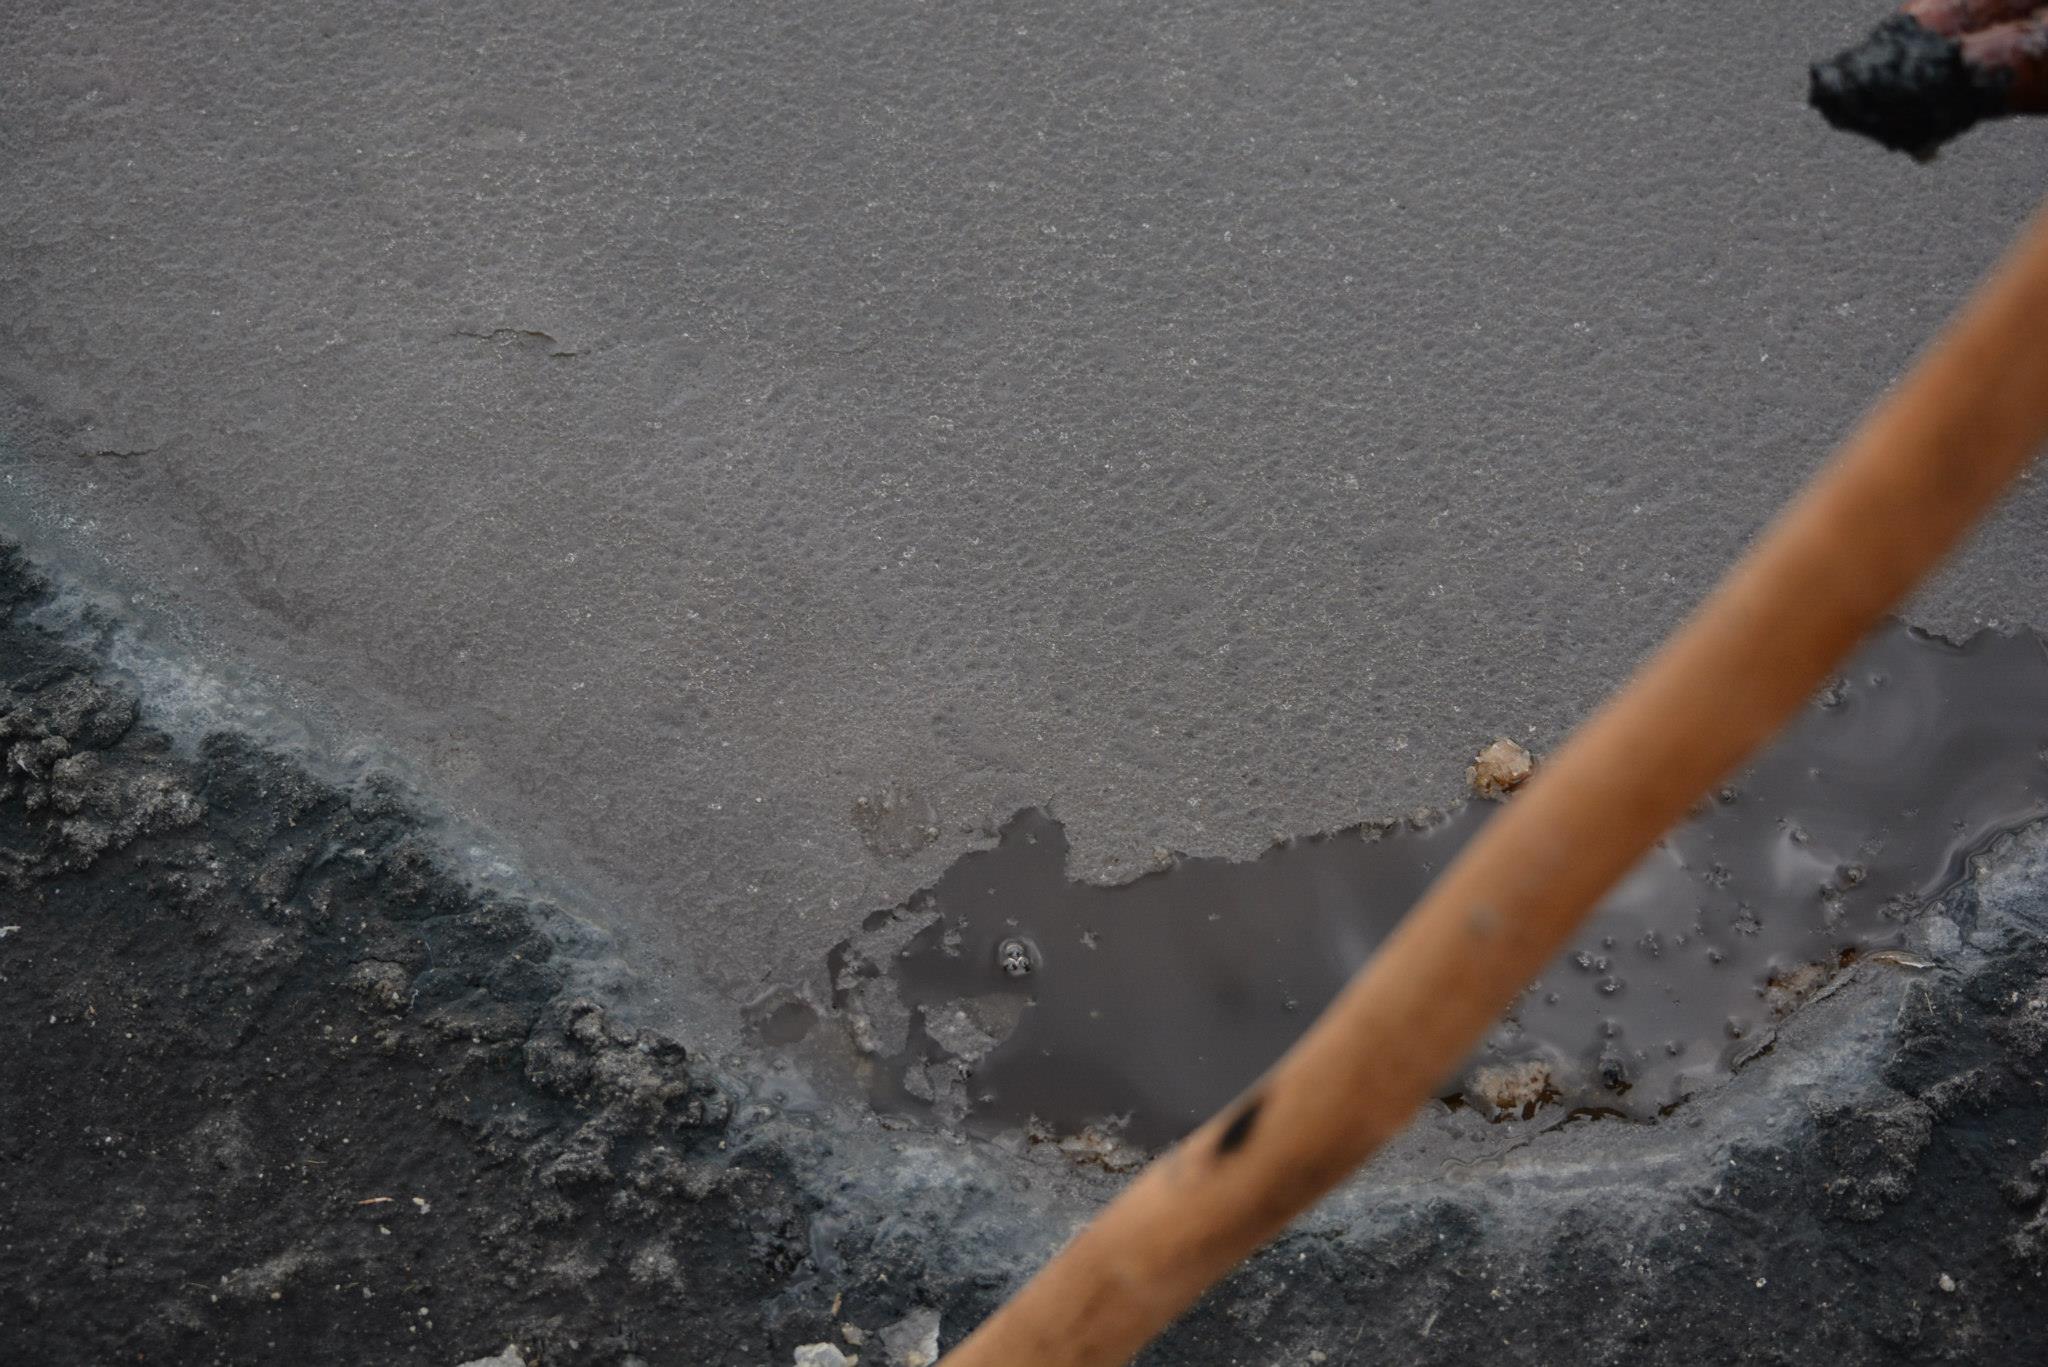 המלח המתגבש על פני המים